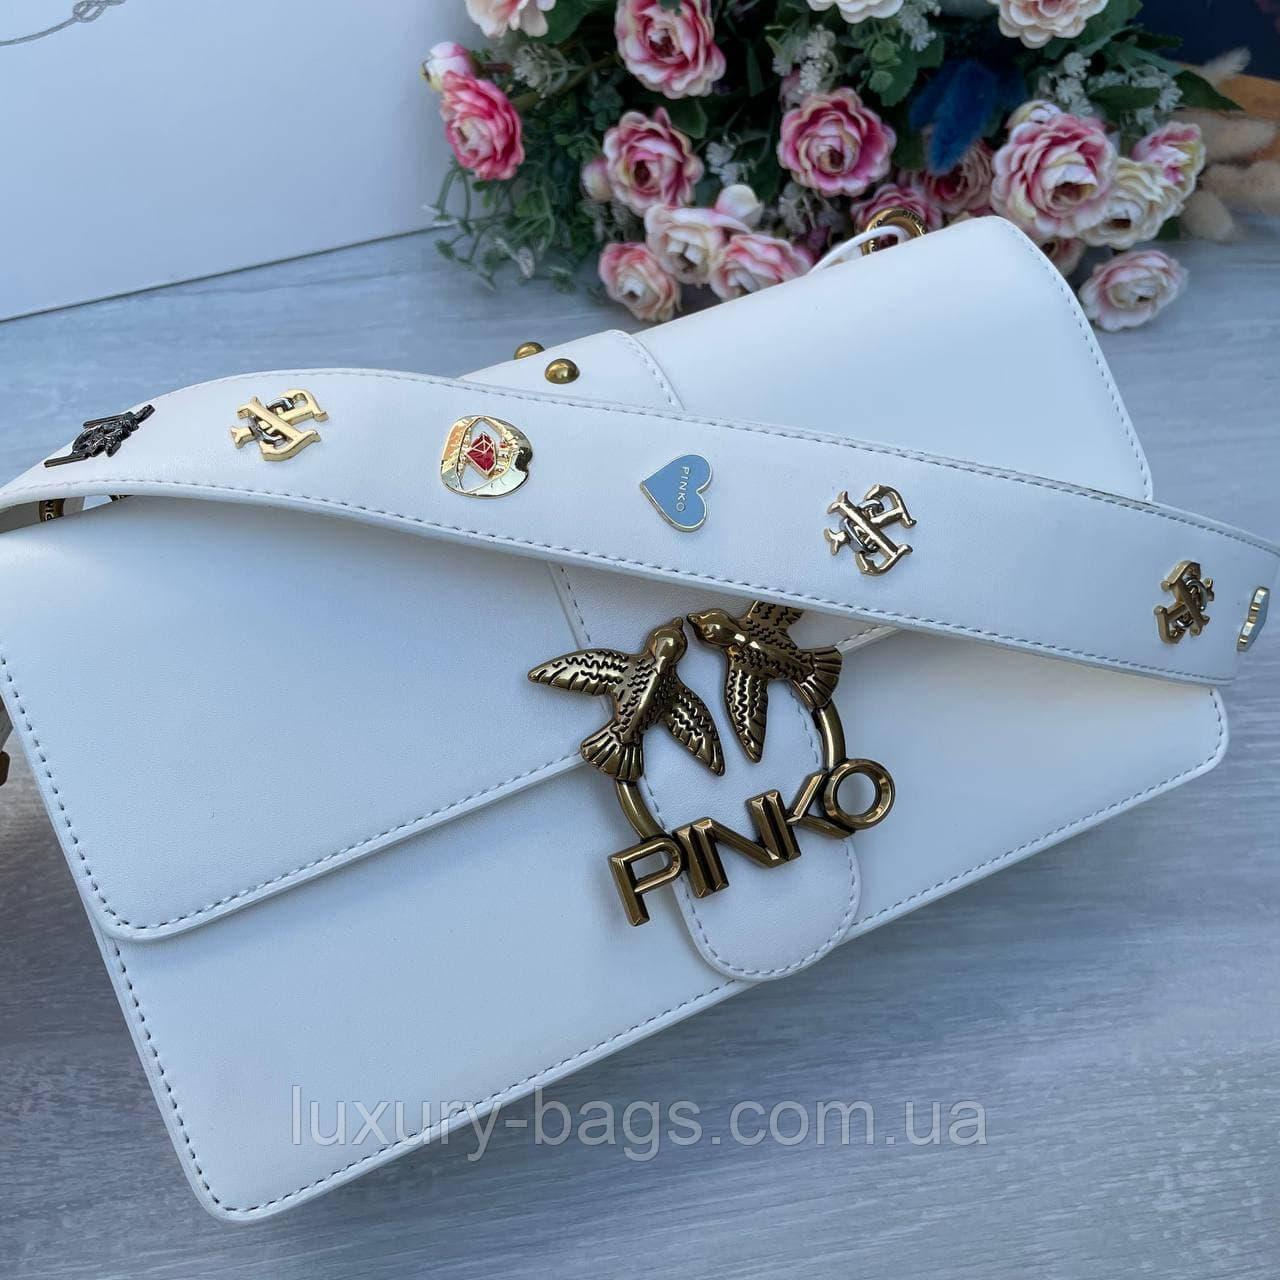 Шкіряна крута біла сумка Pinko Пінко